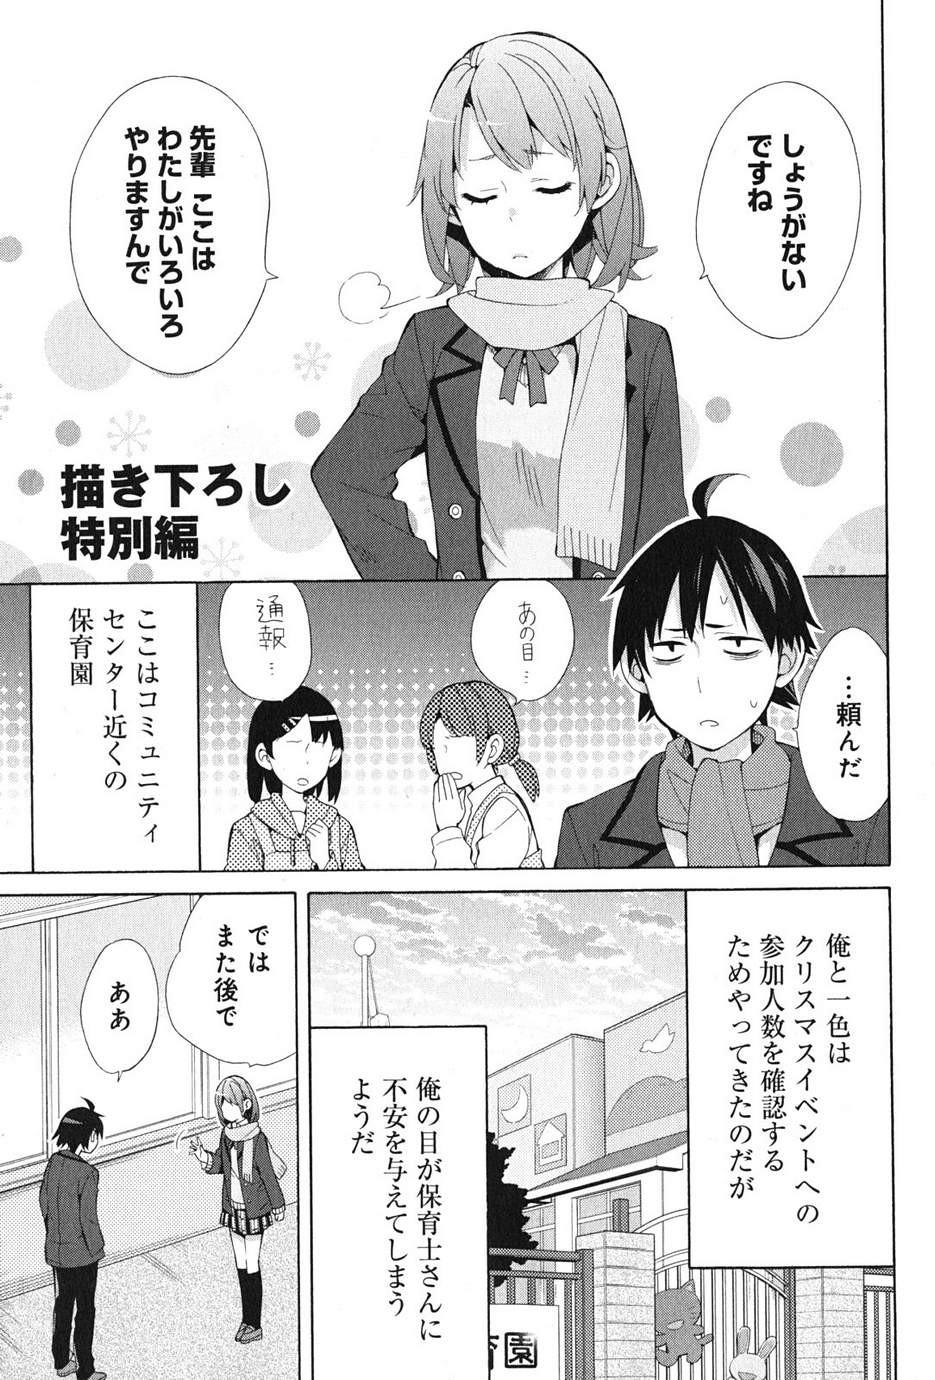 Yahari Ore no Seishun Rabukome wa Machigatte Iru. - Monologue - Chapter 37.5 - Page 1